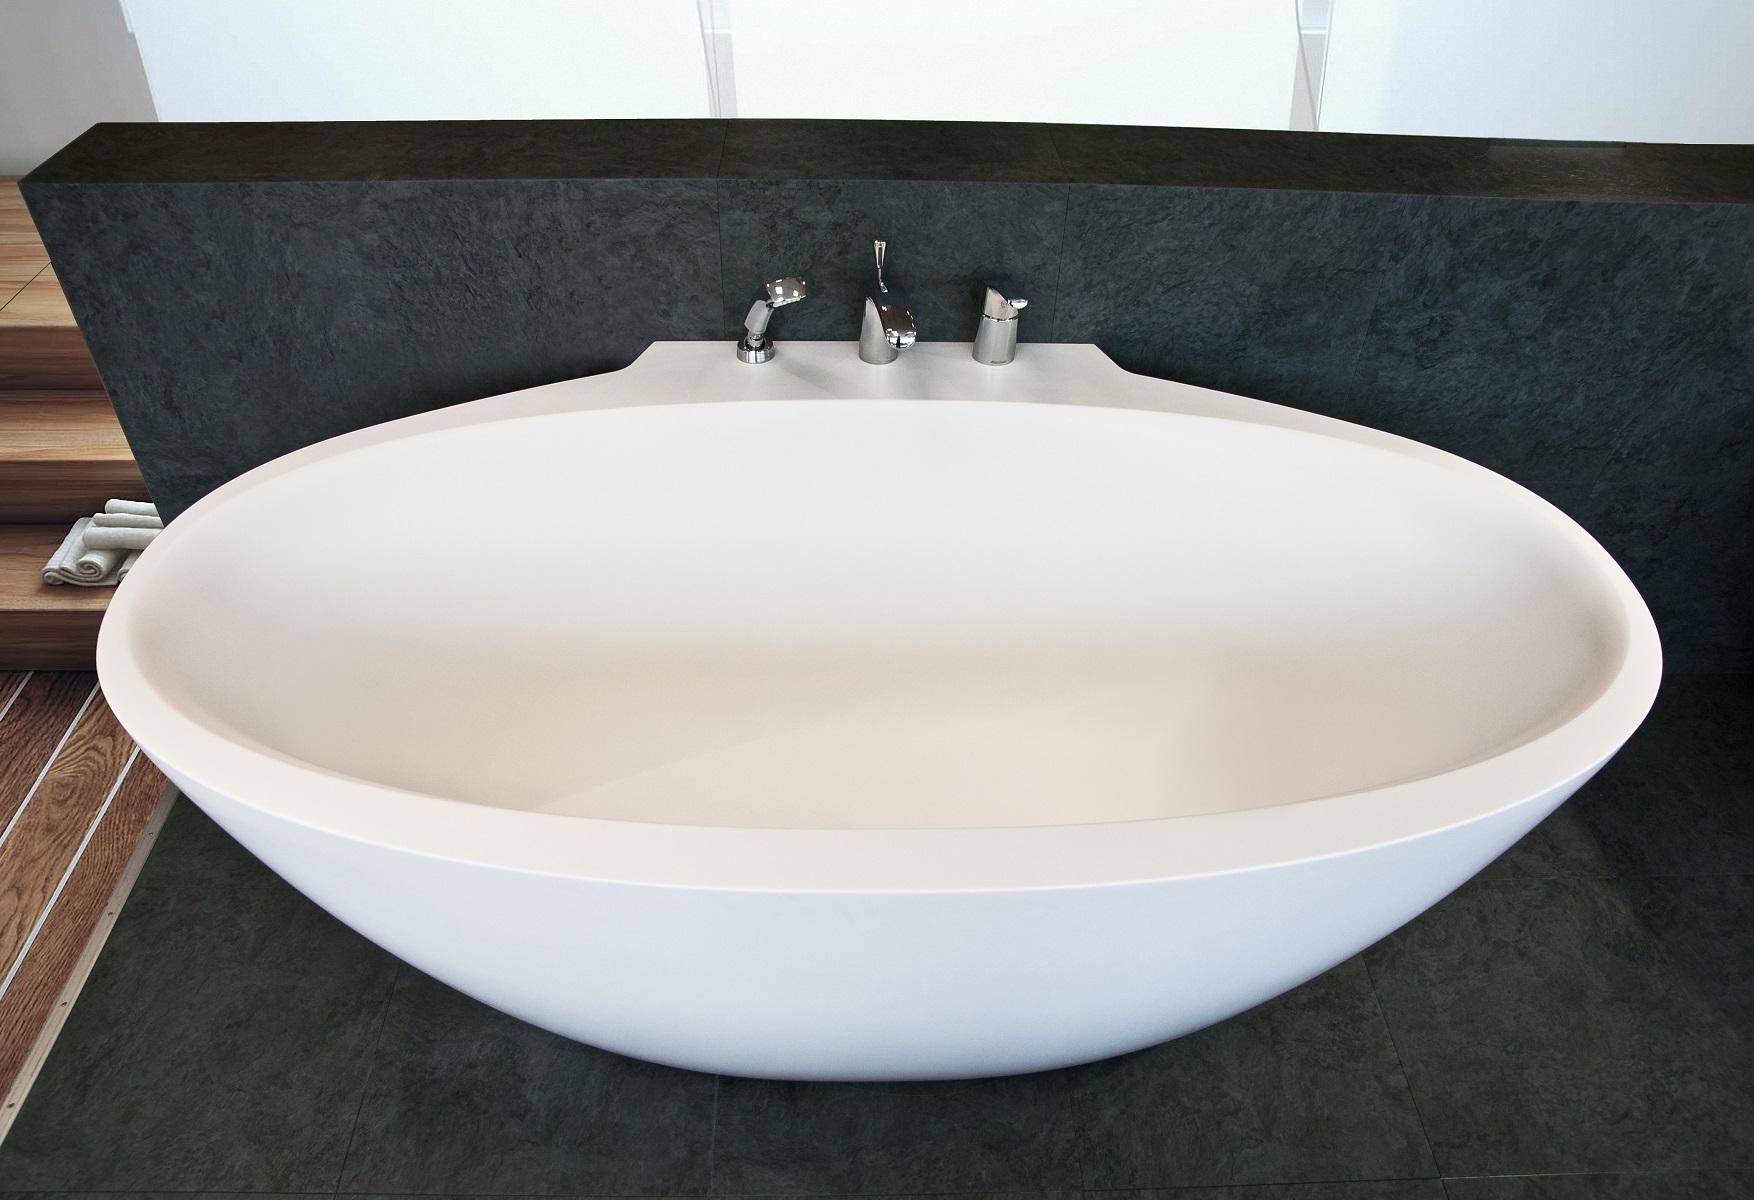 sensuality mini la piccola vasca da bagno freestanding by aquatica immergiti nel suo spazio creata dai migliori designer scandinavi sensuality mini